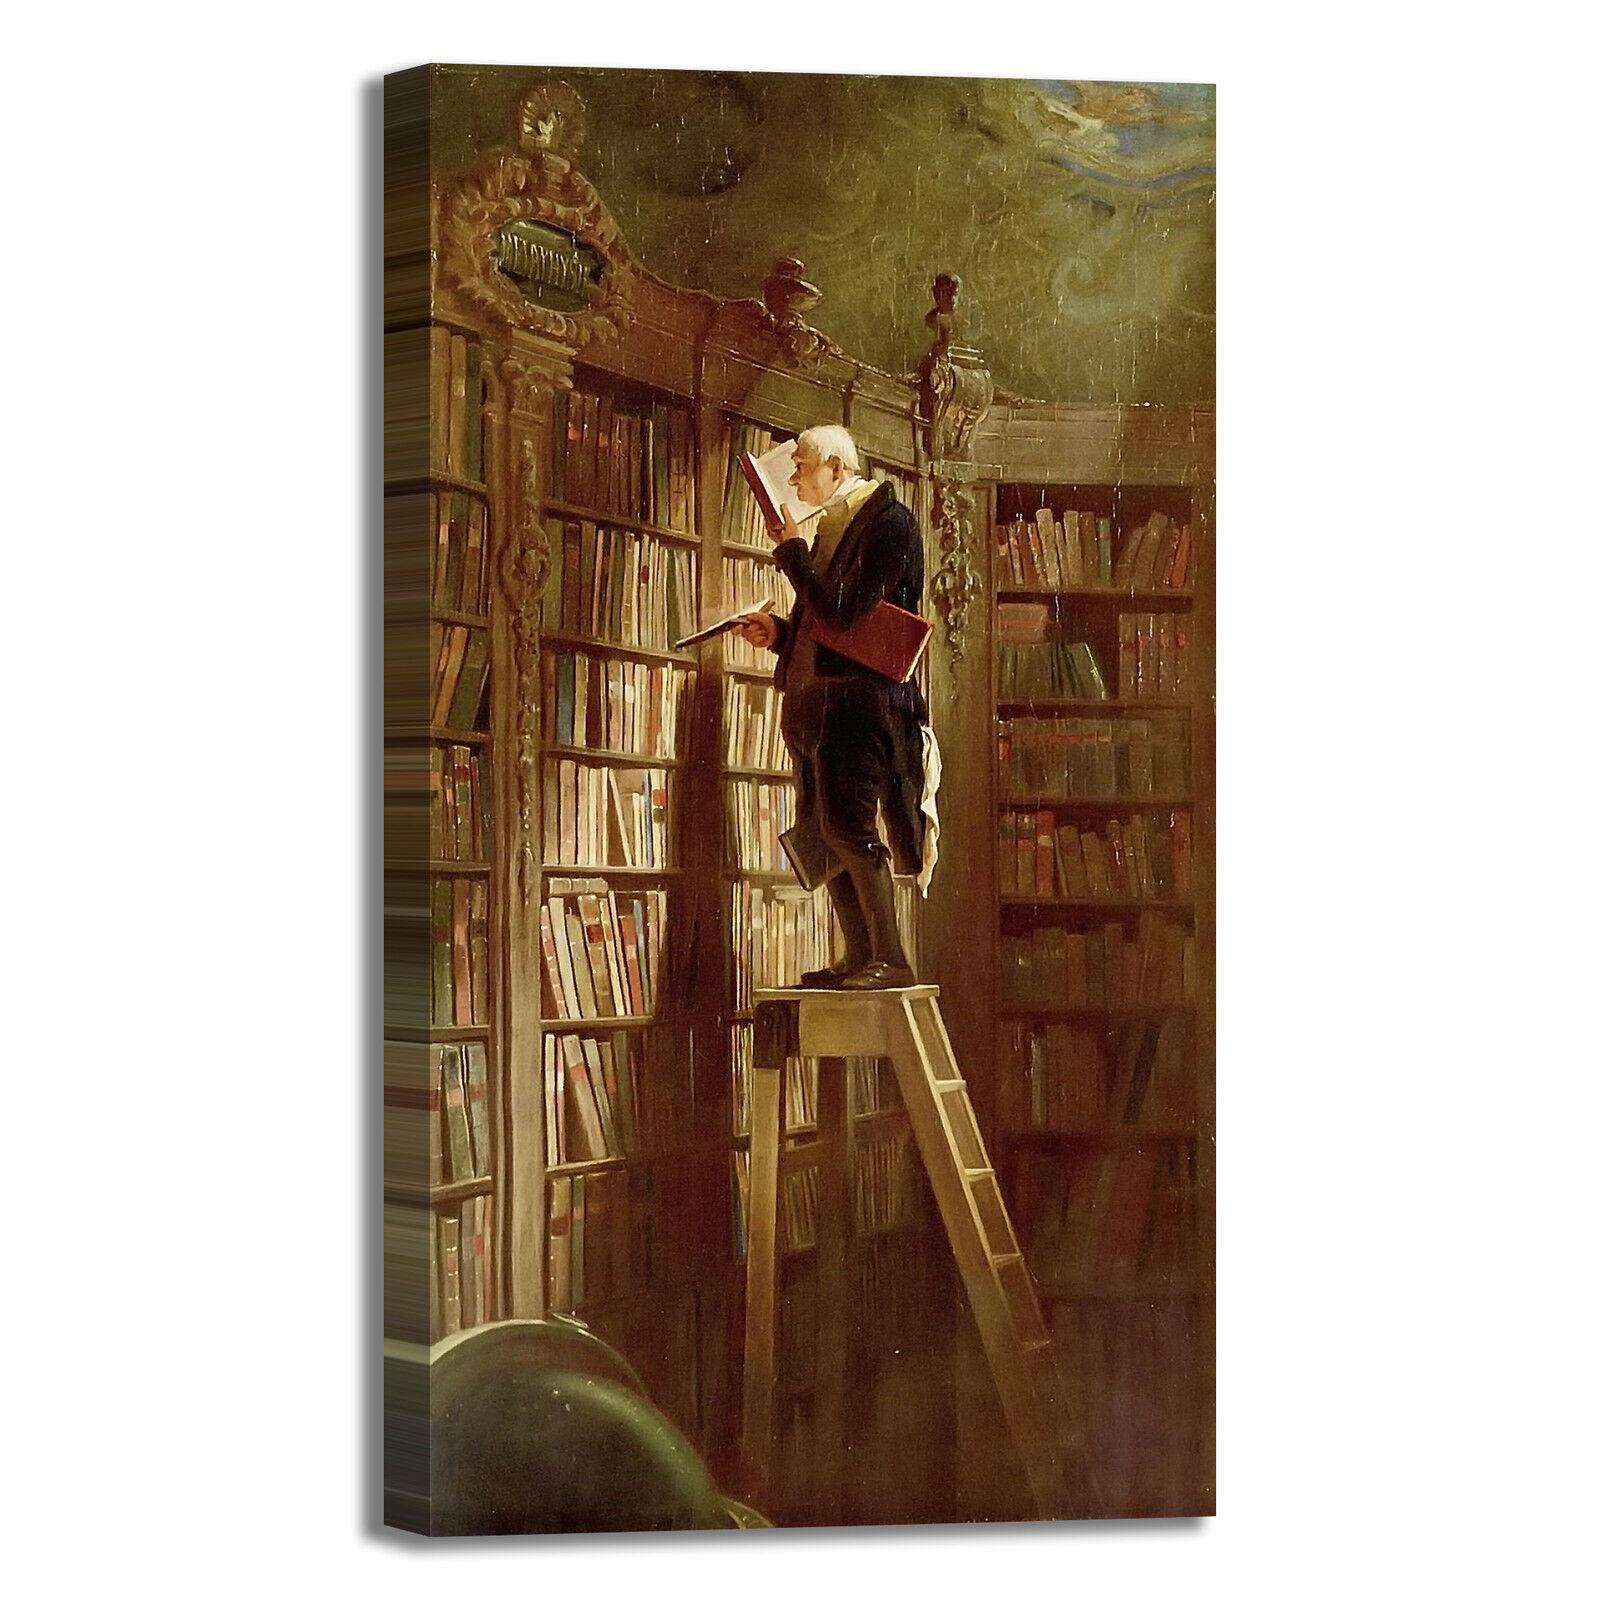 Spitzweg topo da biblioteca dipinto design quadro stampa tela dipinto biblioteca telaio arRouge o casa ed9894